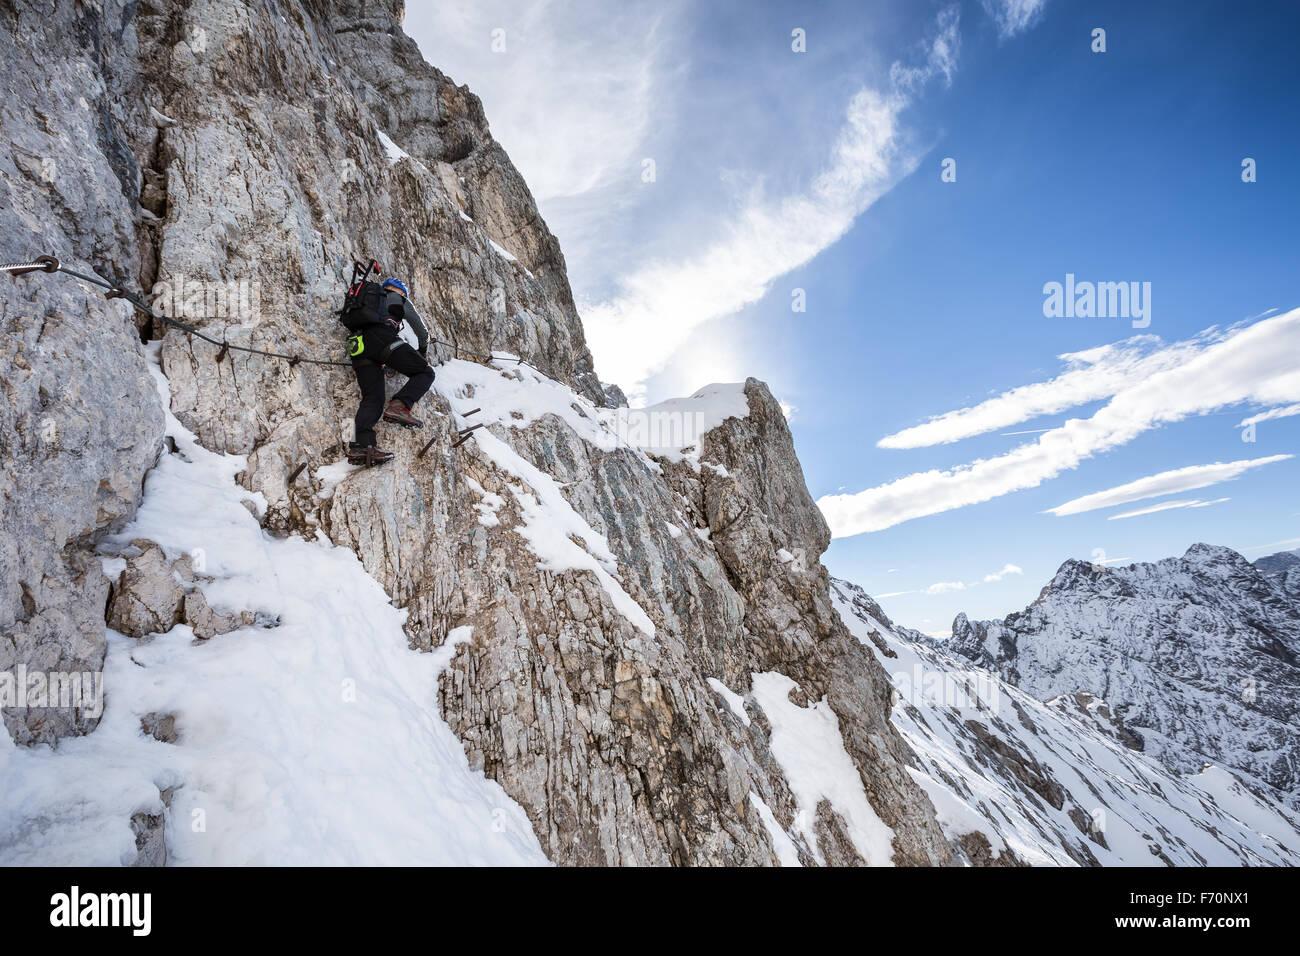 Klettersteig Deutschland : Auf alpspitze klettersteig garmisch partenkirchen deutschland